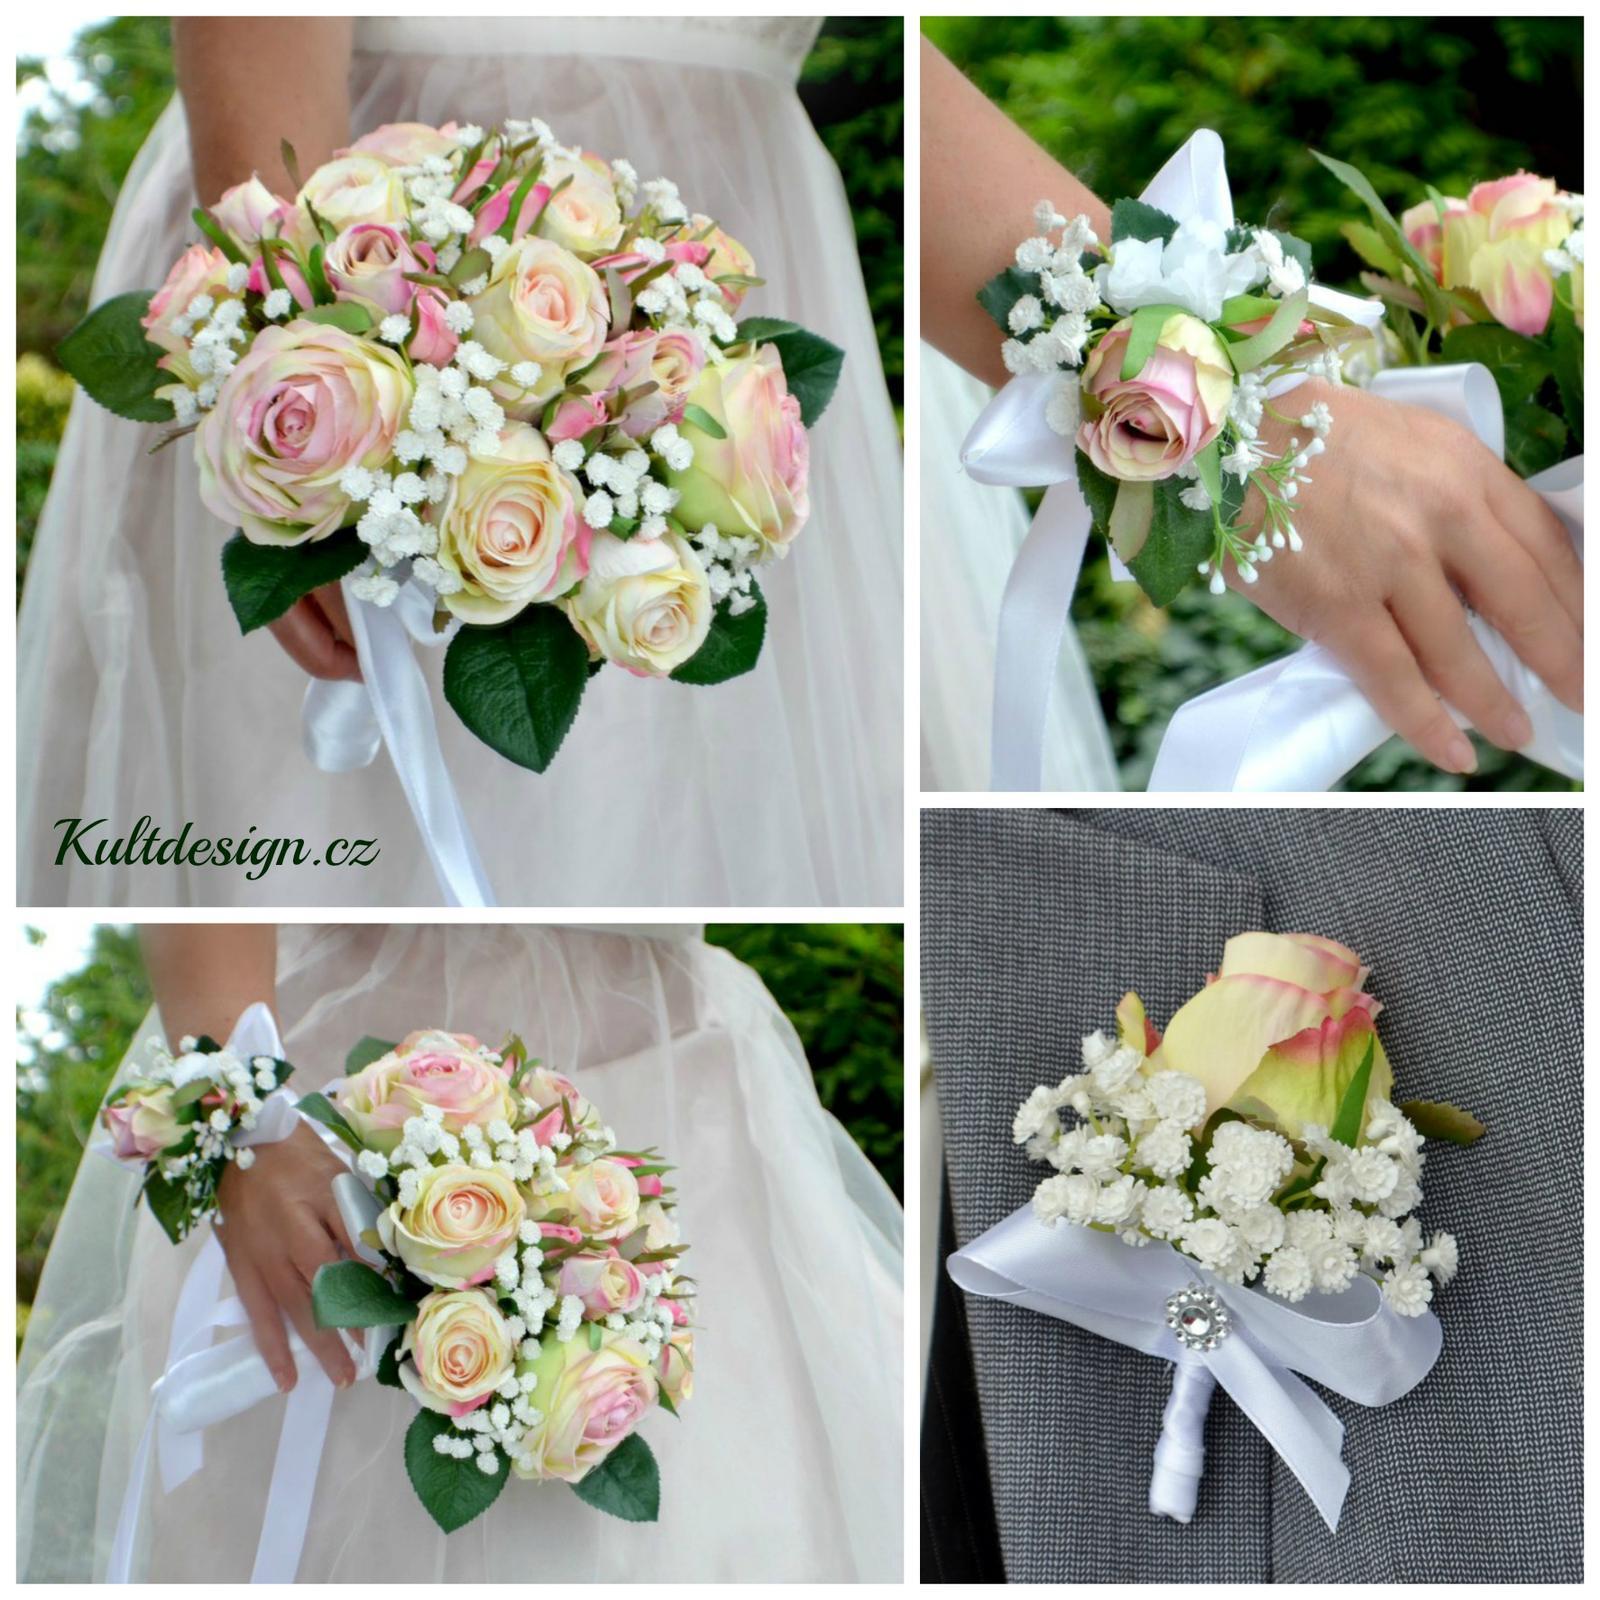 Svatební kytice z umělých květin Kultdesign - www.kultdesign.cz